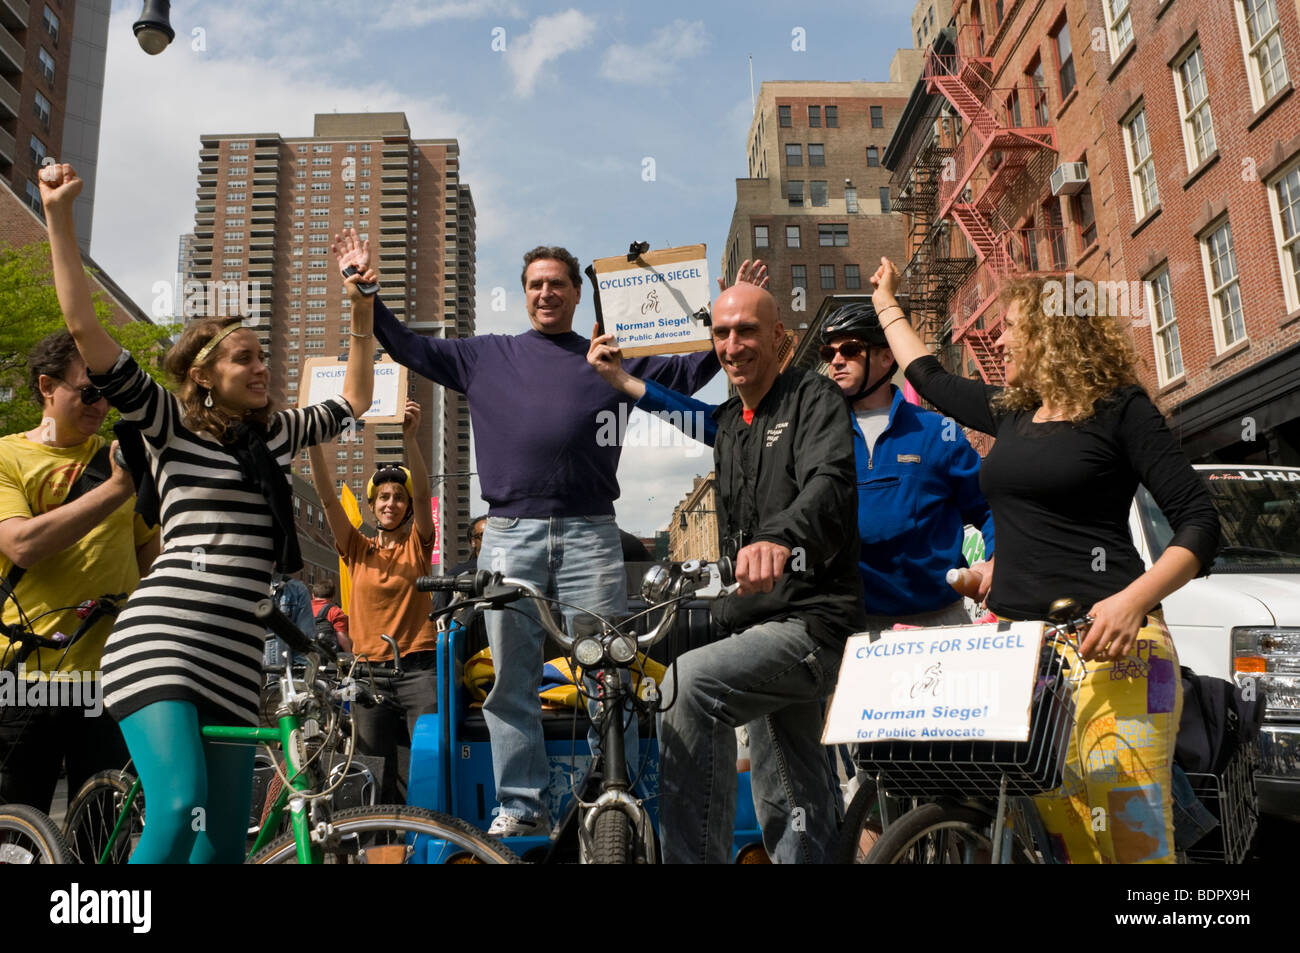 New York, NY Norman Siegel, Democrate Kandidat für Public Advocate während einer Kampagne-Veranstaltung Stockbild